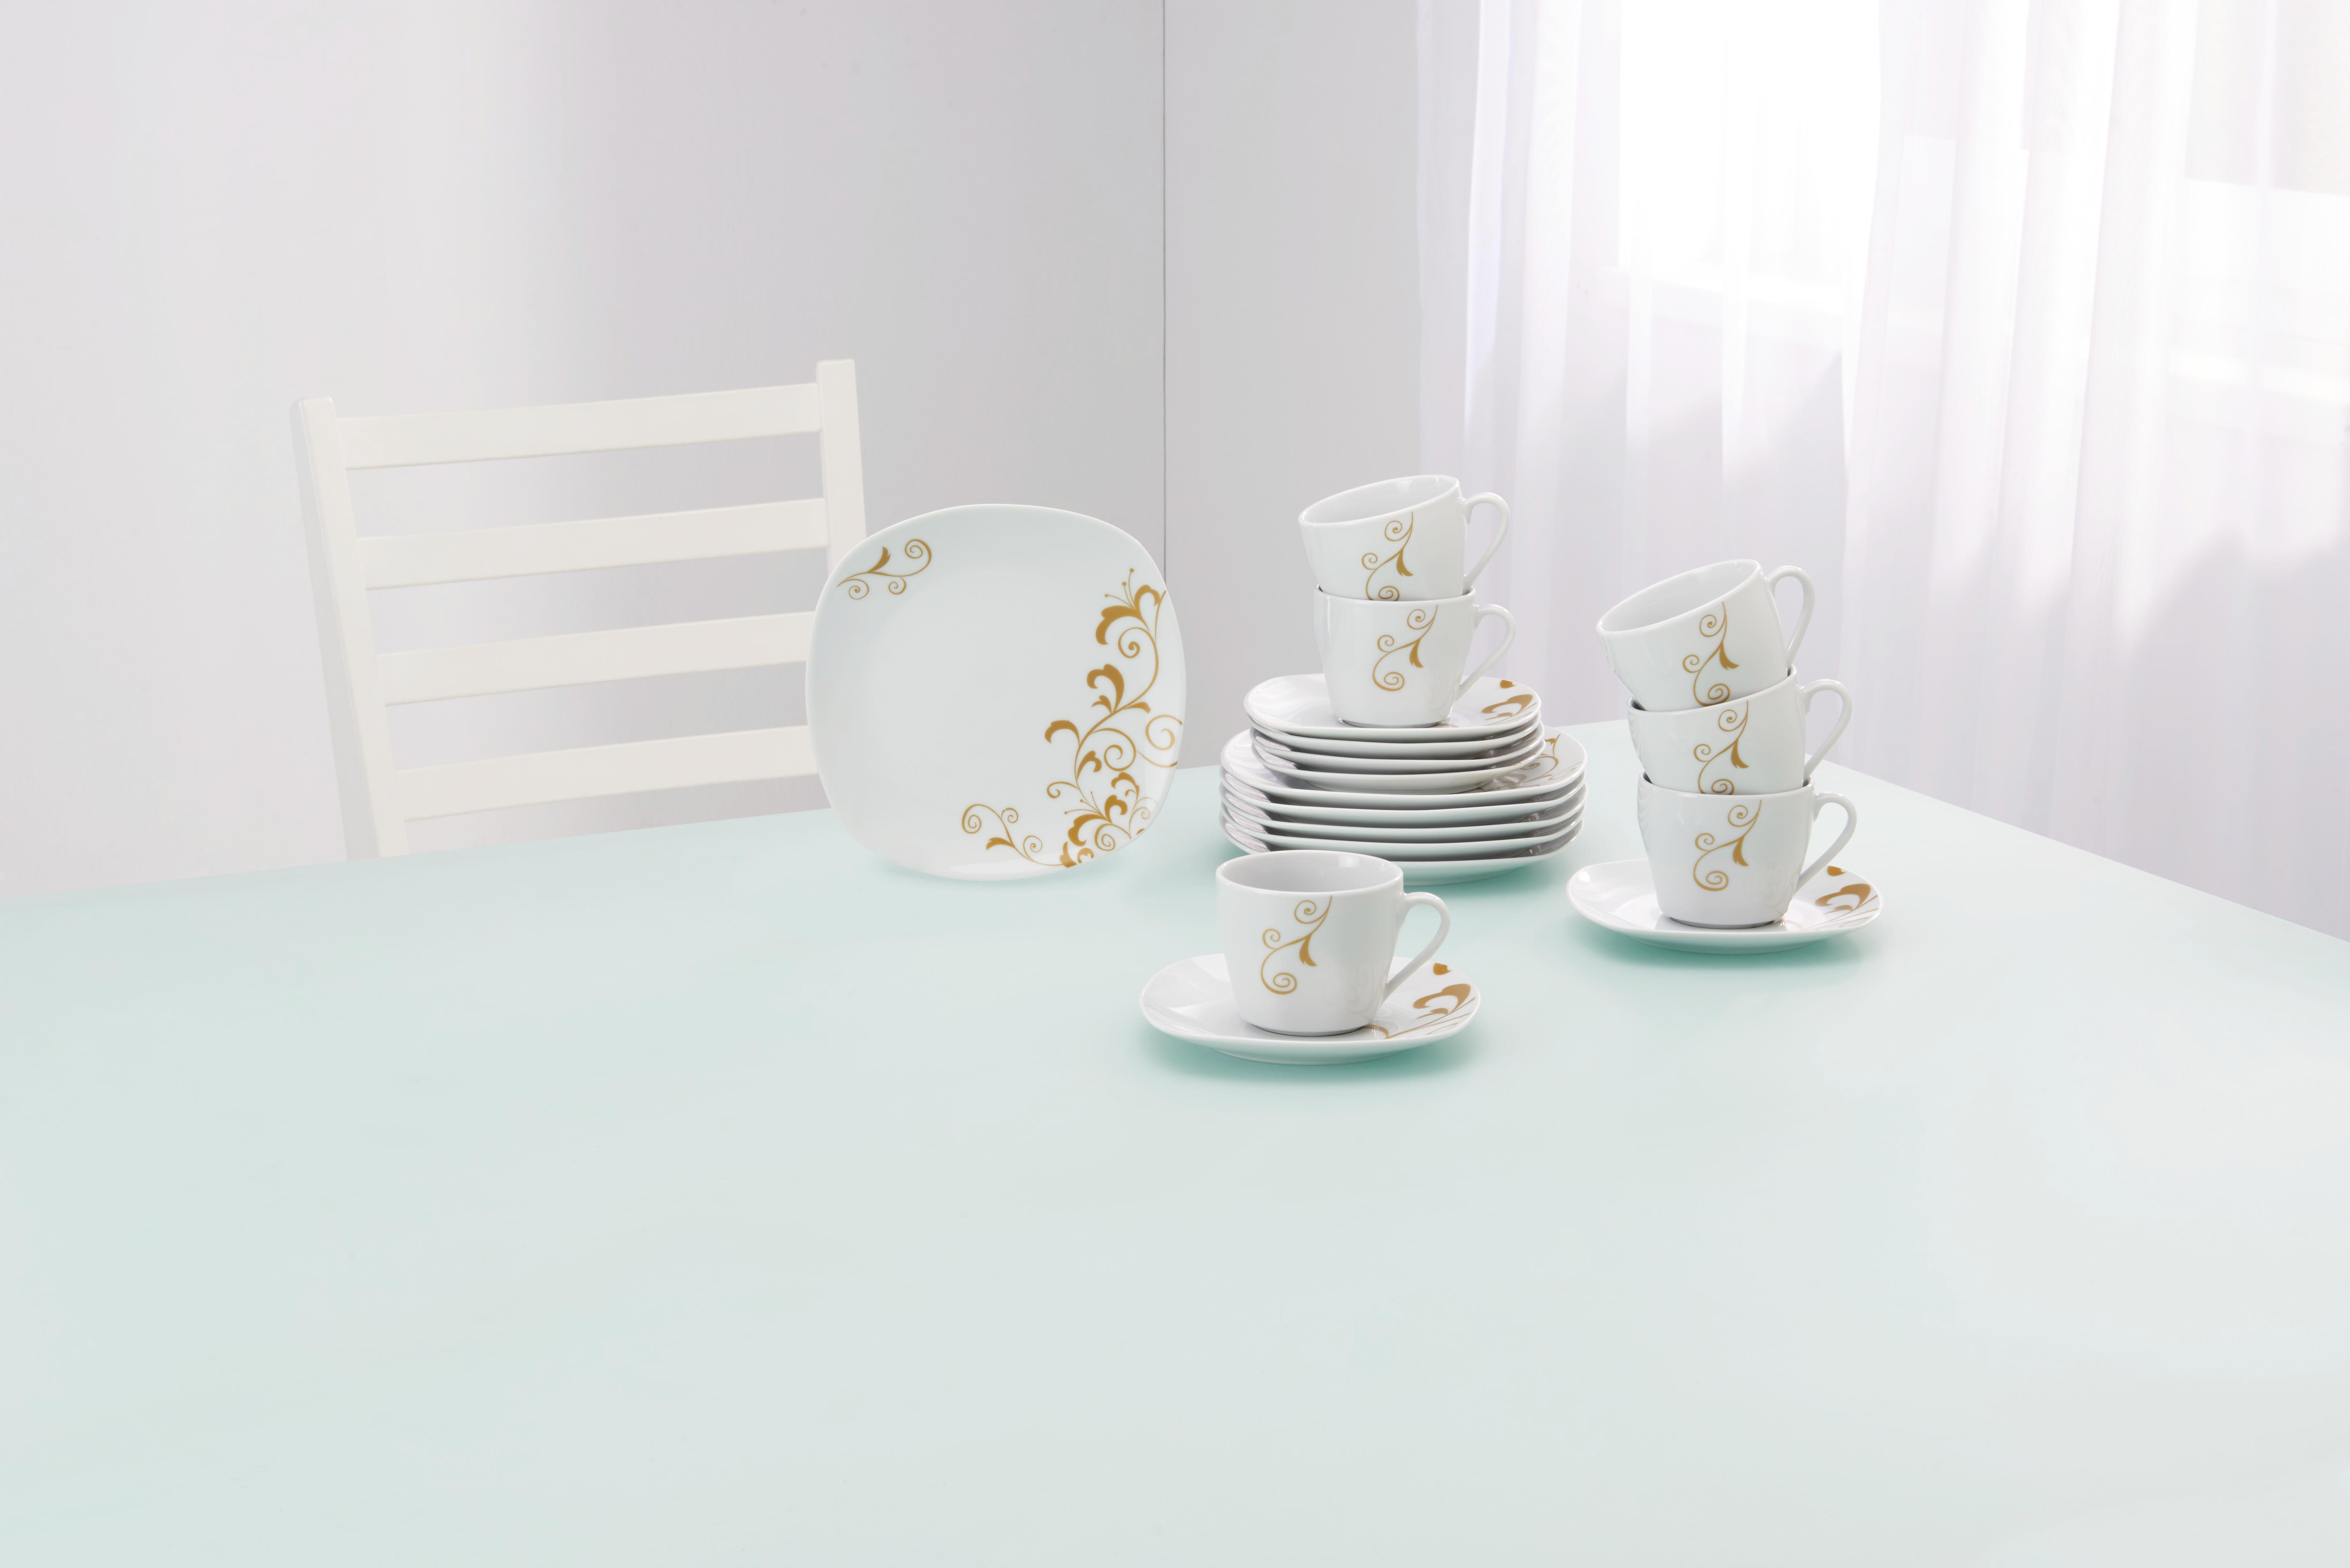 Kávés Szett Glamour - arany színű/fehér, Lifestyle, kerámia (35,2/30,5/9,3cm) - MÖMAX modern living